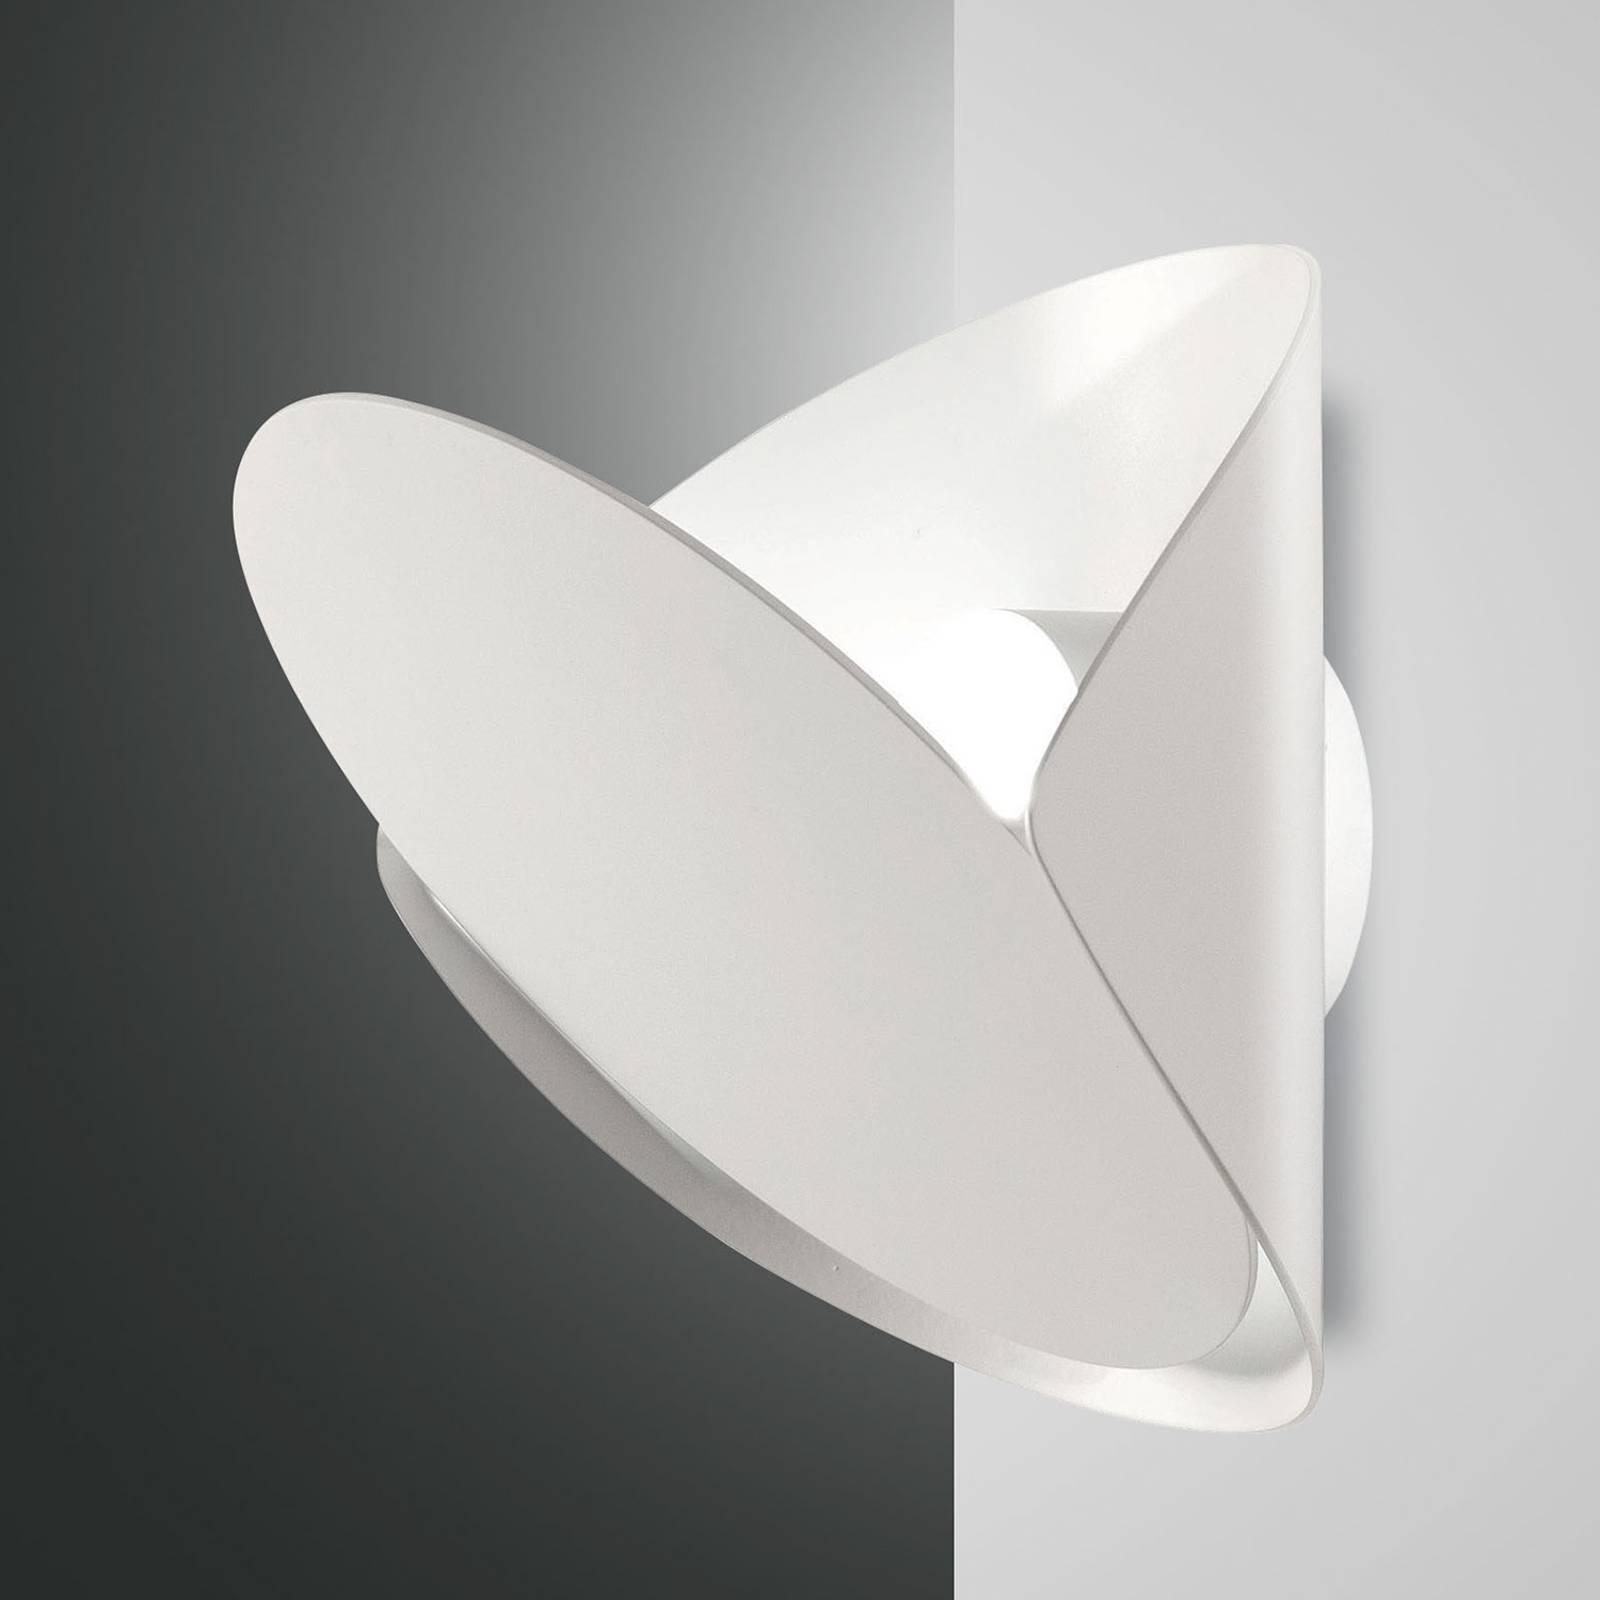 LED-Wandleuchte Shield, dimmbar, weiß